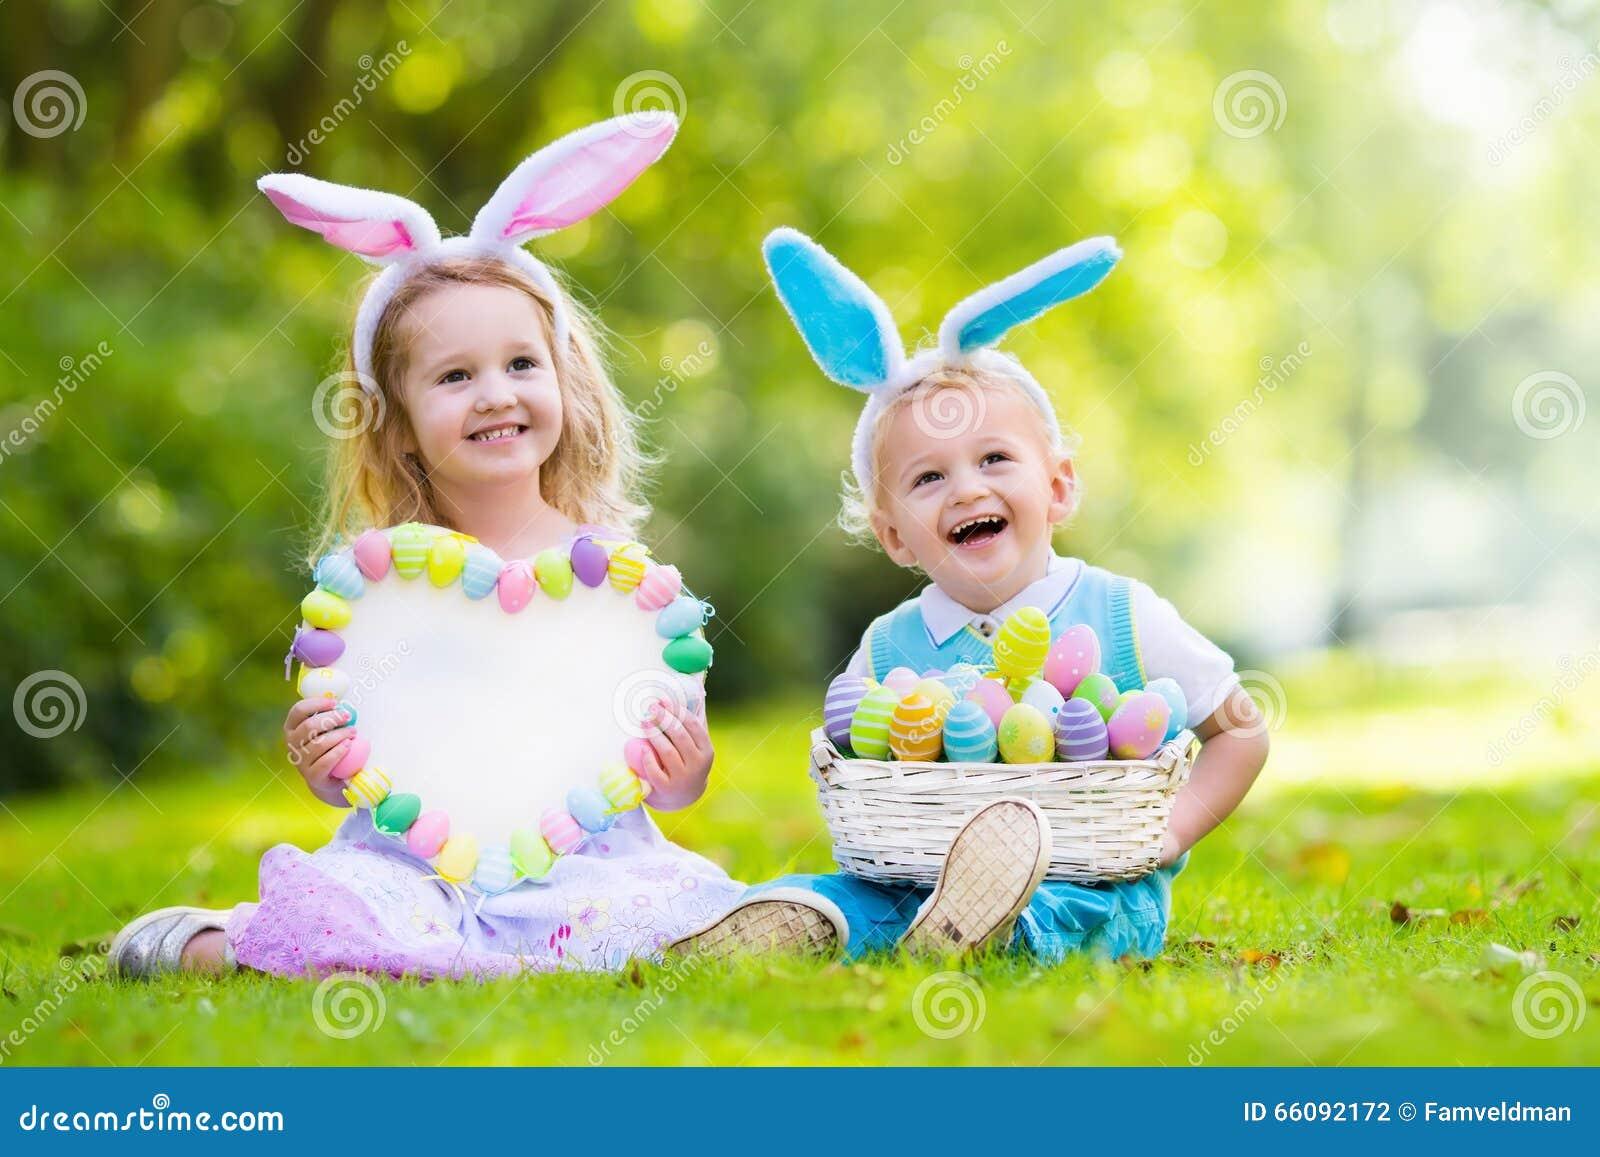 Дети, семейные фотосессии, Пасха Идеи для фото Pinterest 59